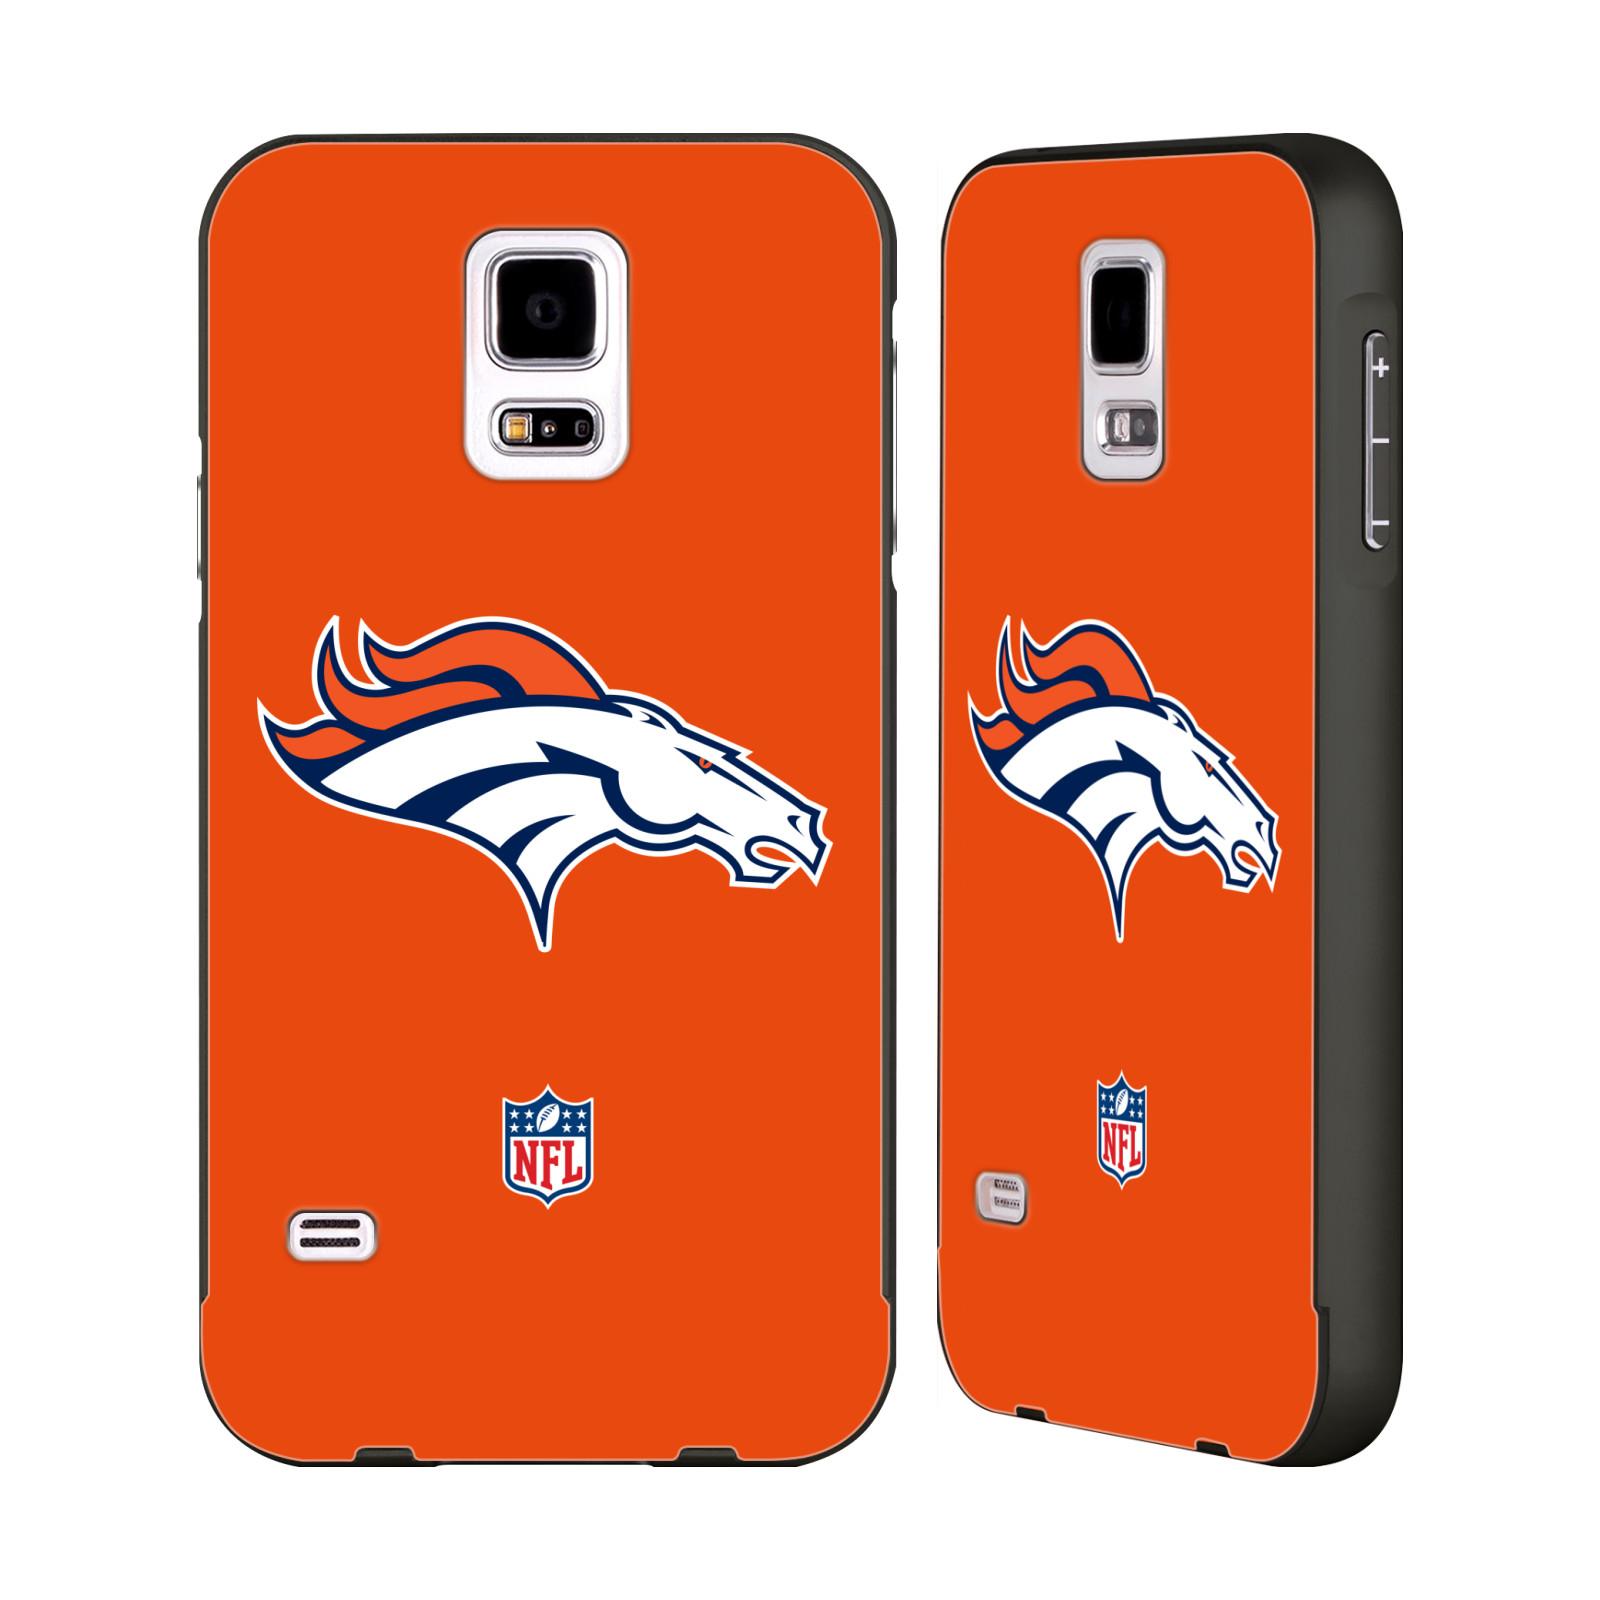 Case Design broncos phone cases : ... Phones u0026 Accessories u0026gt; Cell Phone Accessories u0026gt; Cases, Covers u0026 Skins